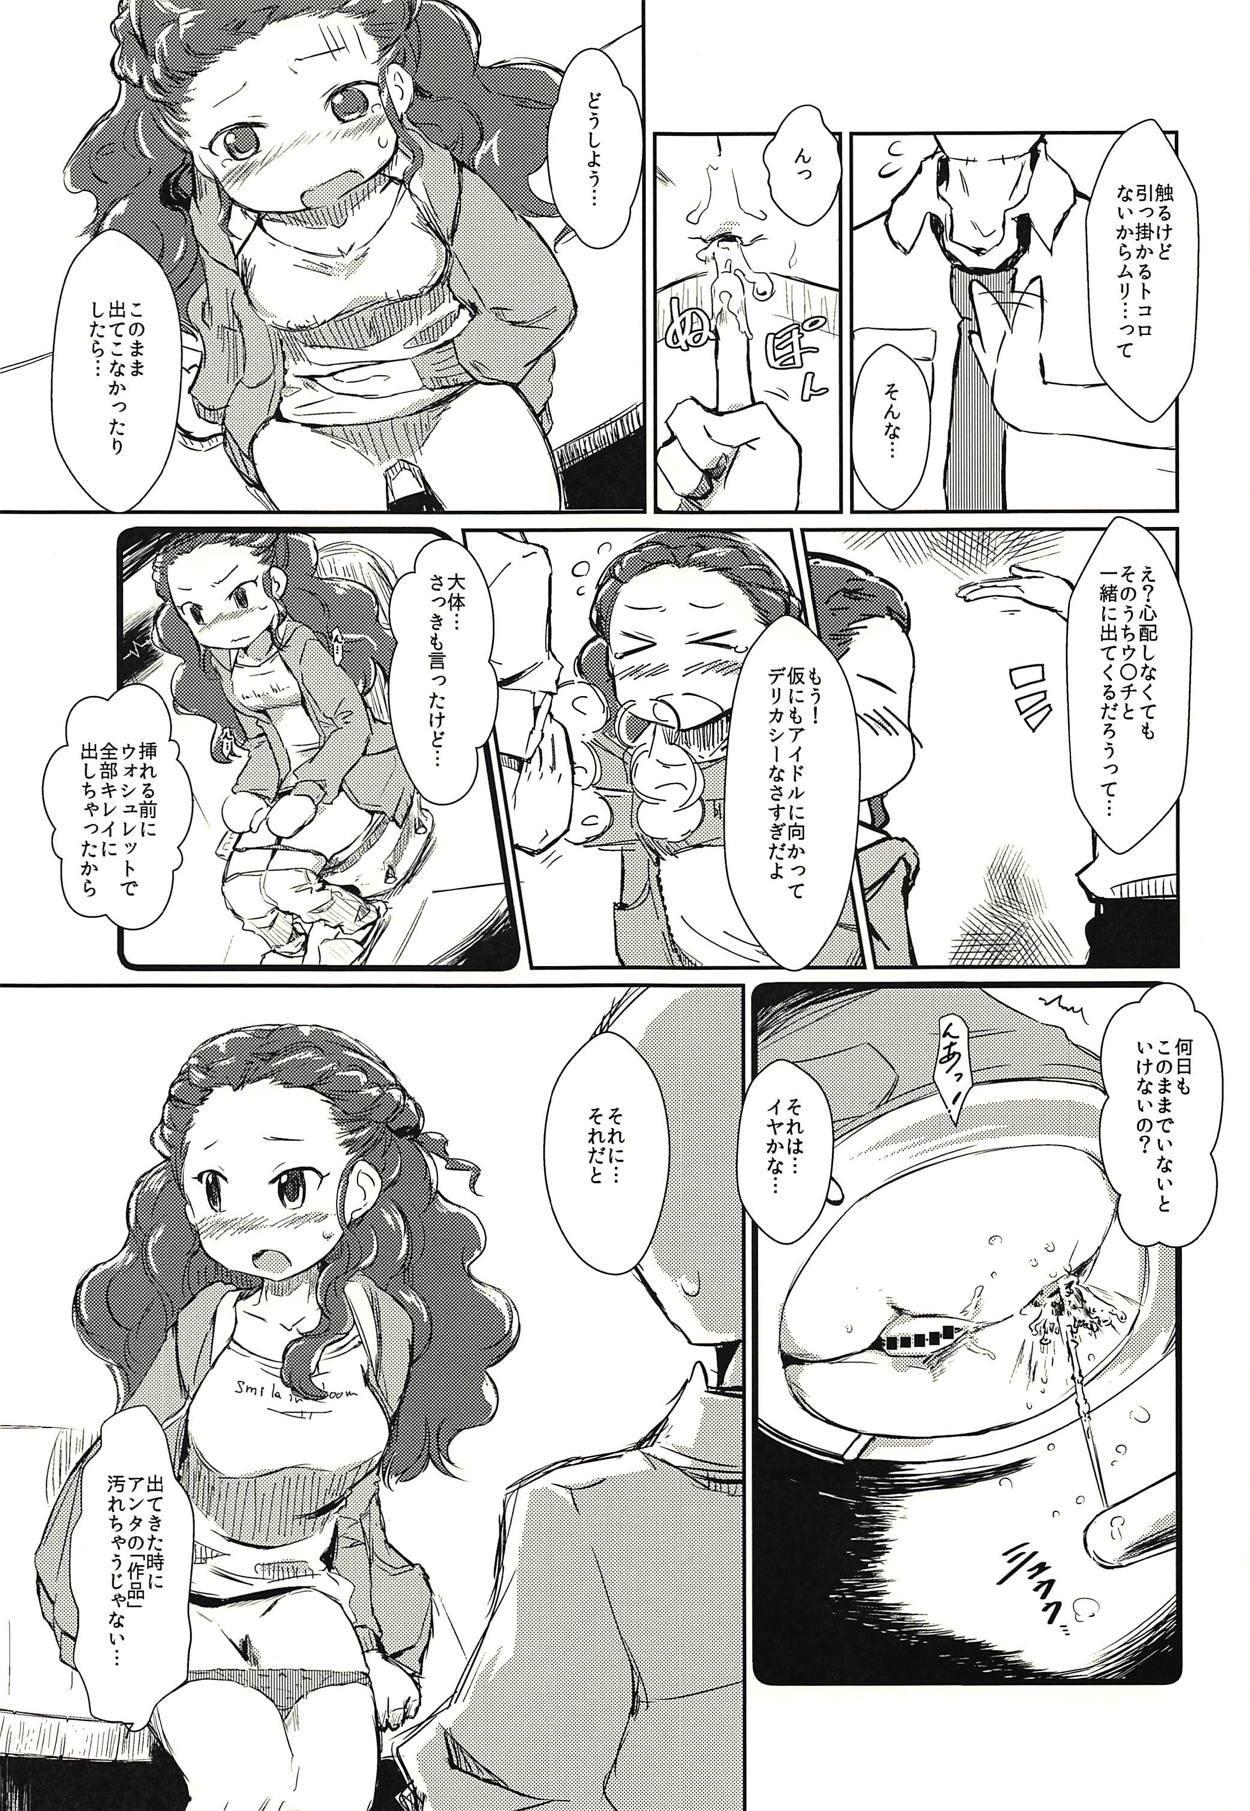 Seki-chan to Marui Tsuranatta Yatsu 5